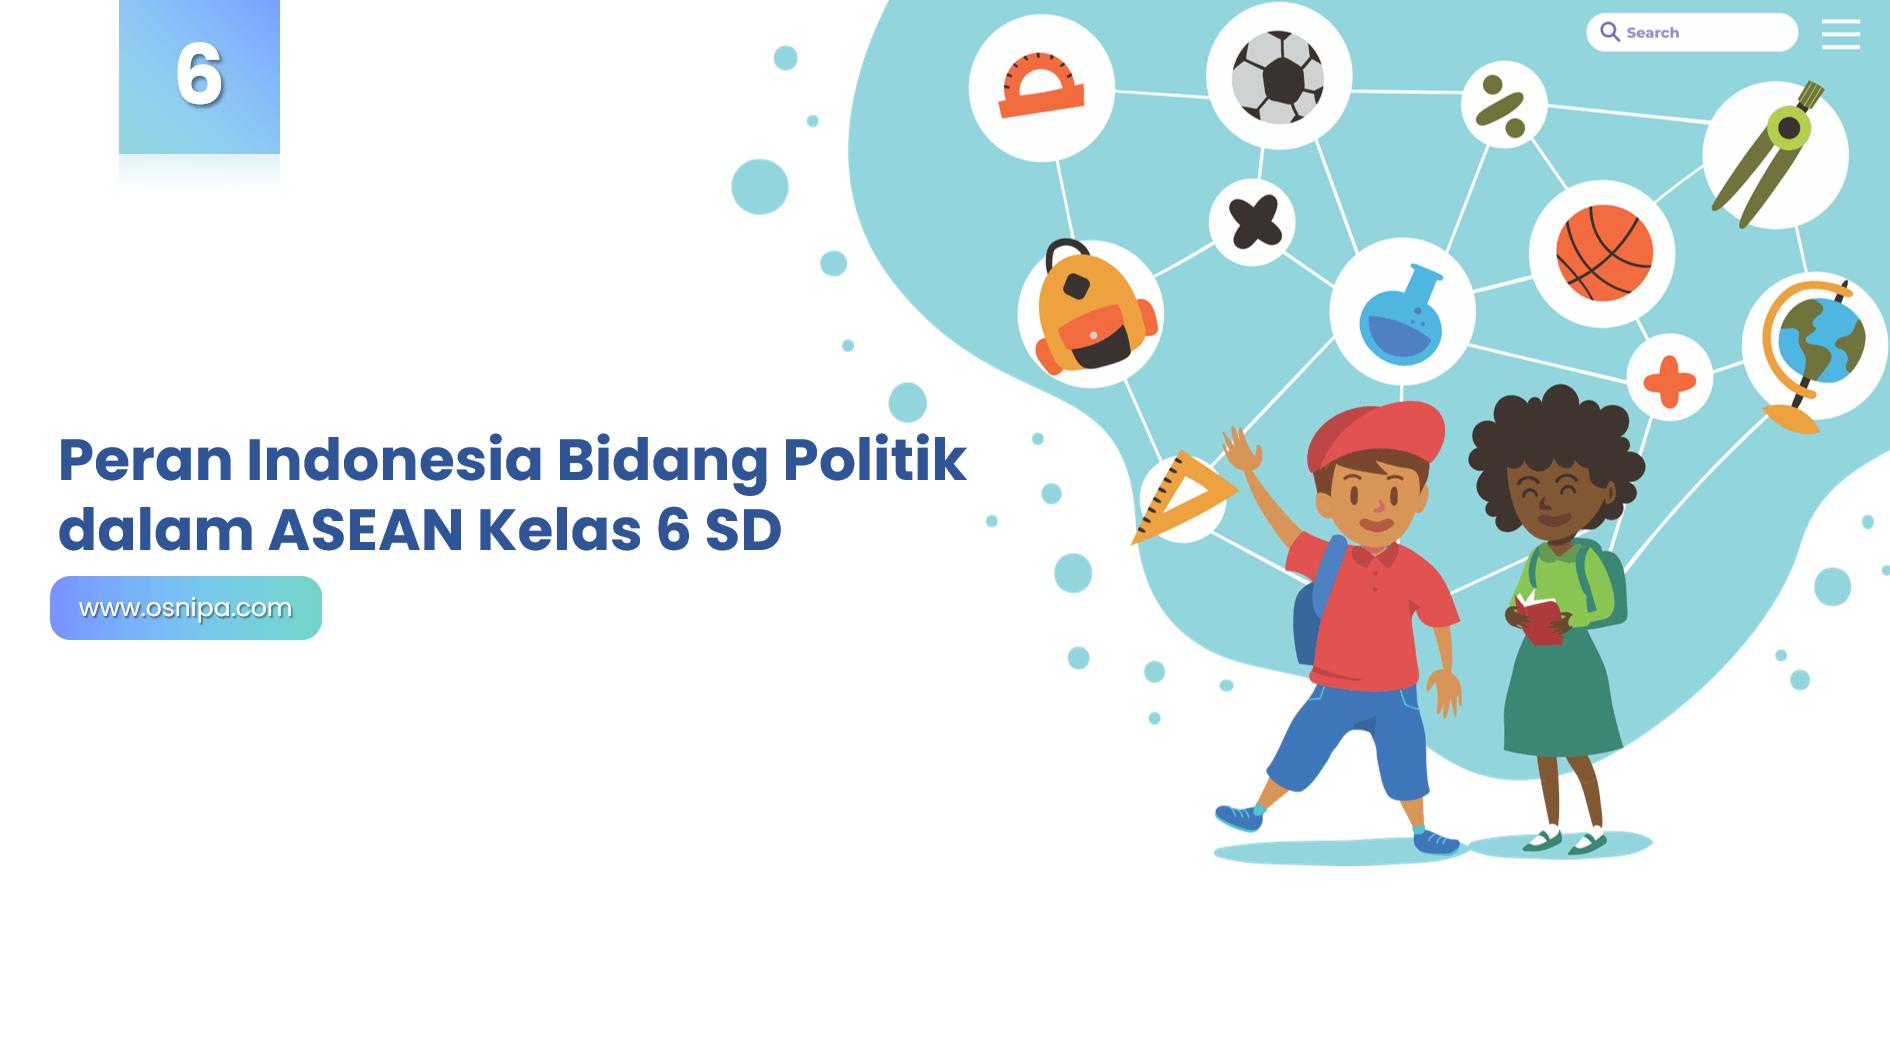 Peran Indonesia Bidang Politik dalam ASEAN Kelas 6 SD